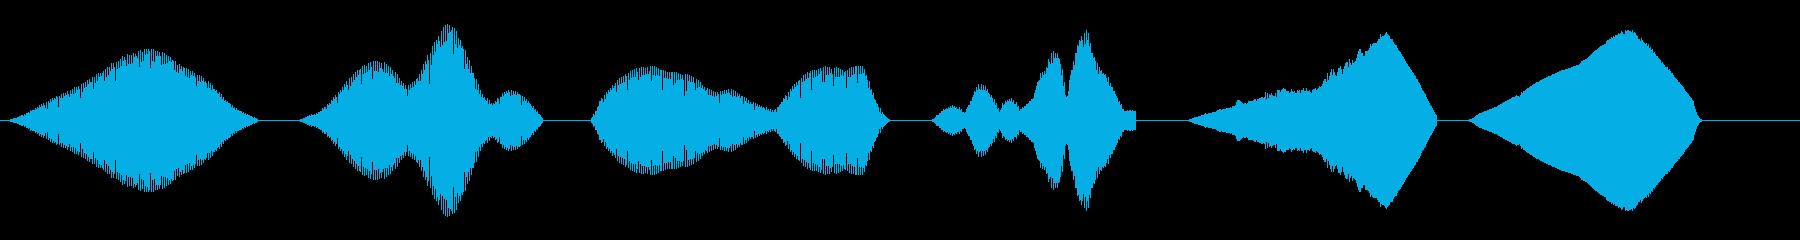 SWEEP、FREQ、CHOP、S...の再生済みの波形